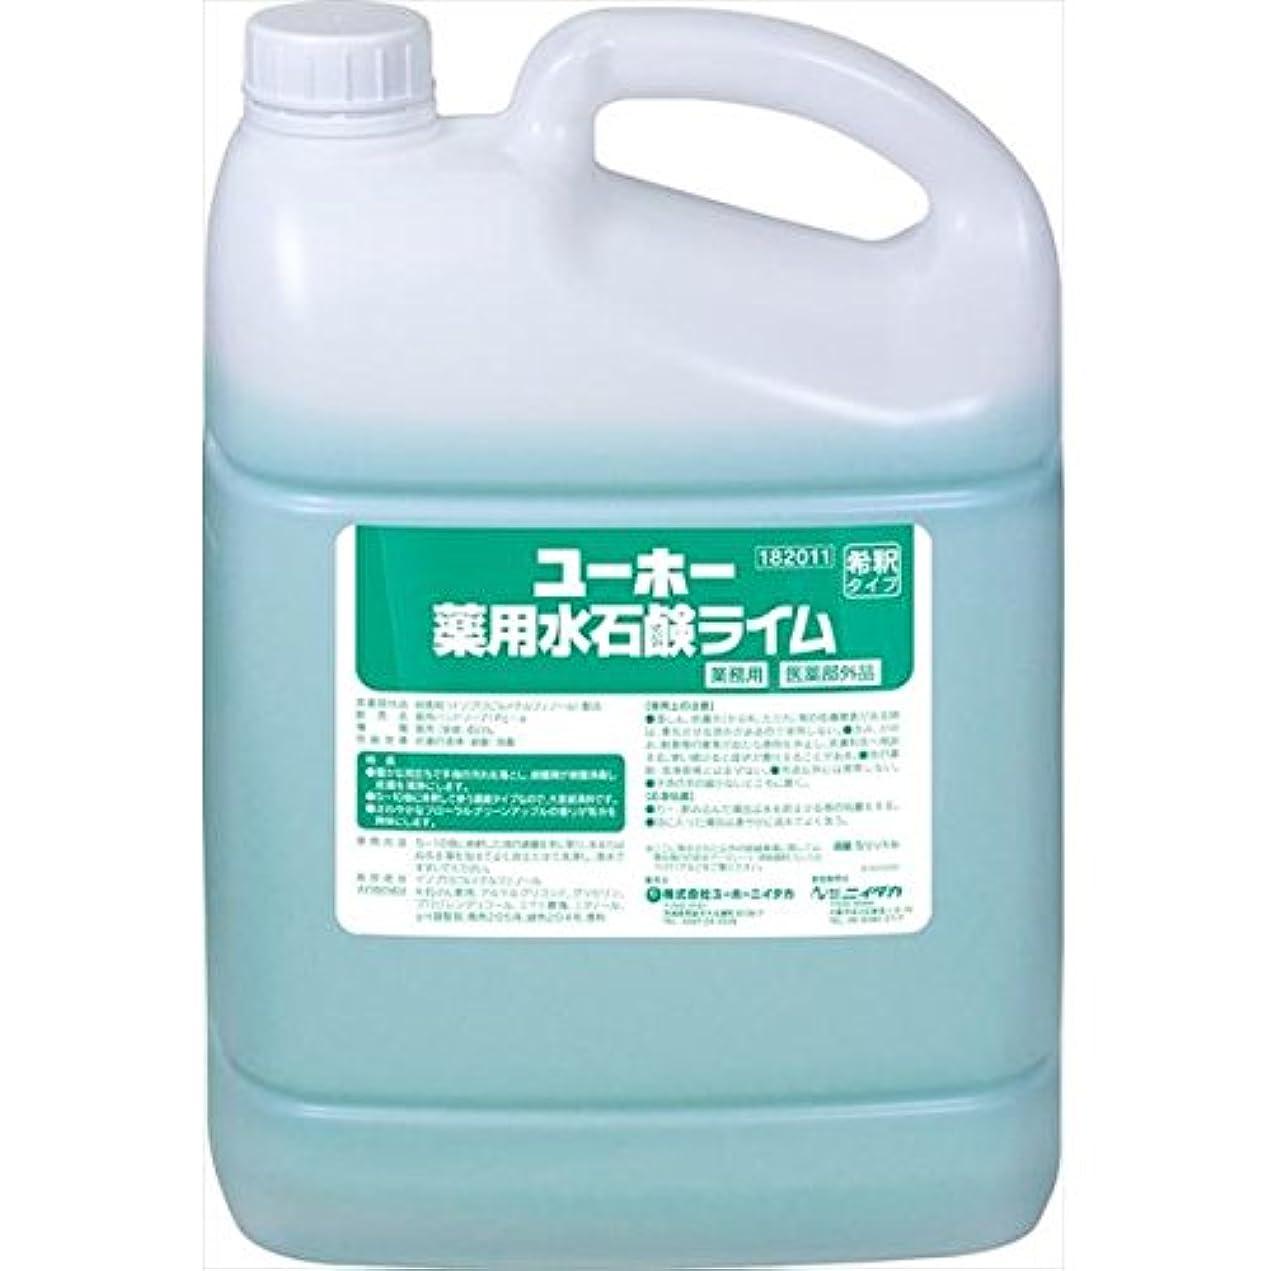 書く提供する厚さユーホーニイタカ:薬用水石鹸ライム 5L×2 182011